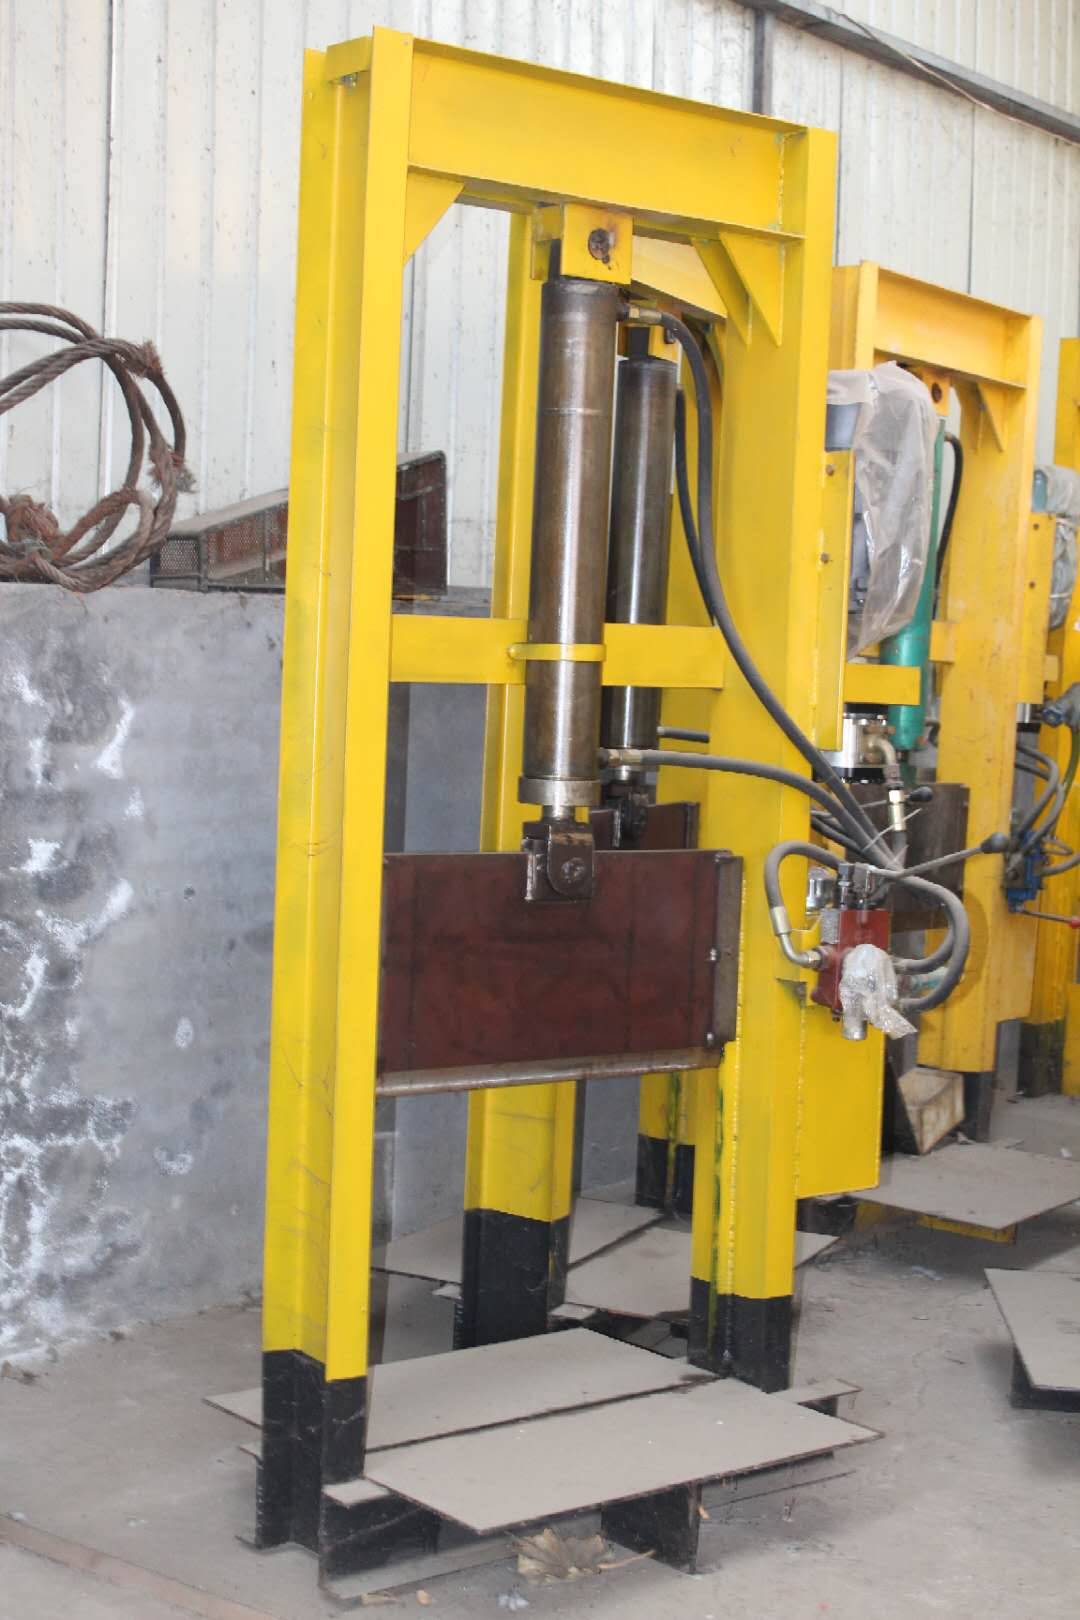 哪里有动物油加工机械_明旺蛋白饲料质量良好的动物油加工机械出售